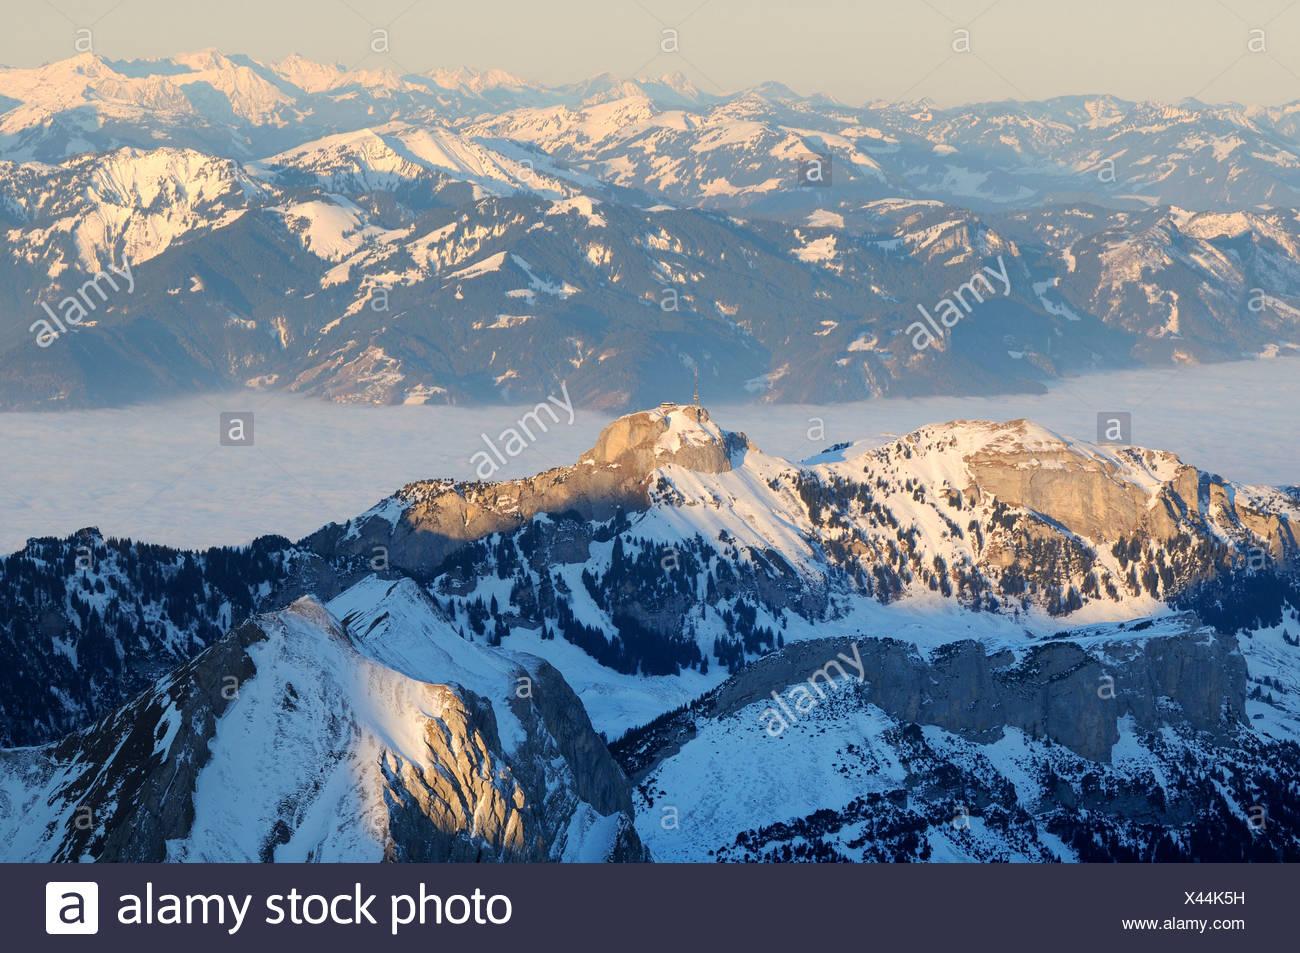 Mt Altmann y Mt Hoher Kasten en el último día, entre ellos la niebla Rheintal Valley, el cantón de Appenzell Innerrhoden, Suiza Imagen De Stock